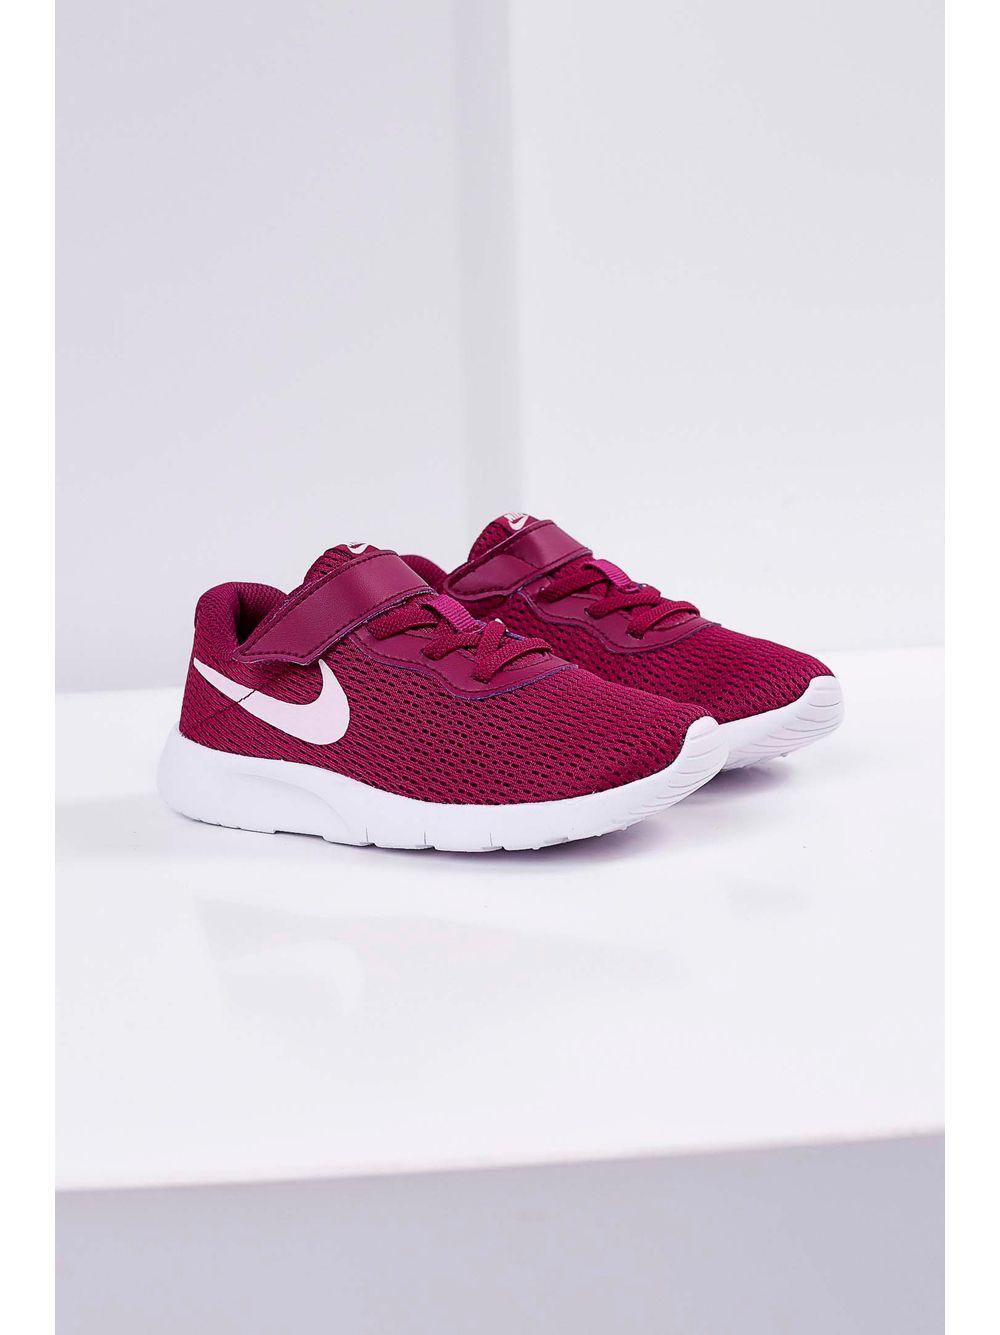 fb10377944d Tênis Infantil Nike Tanjun Psv Velcro Pink - pittol